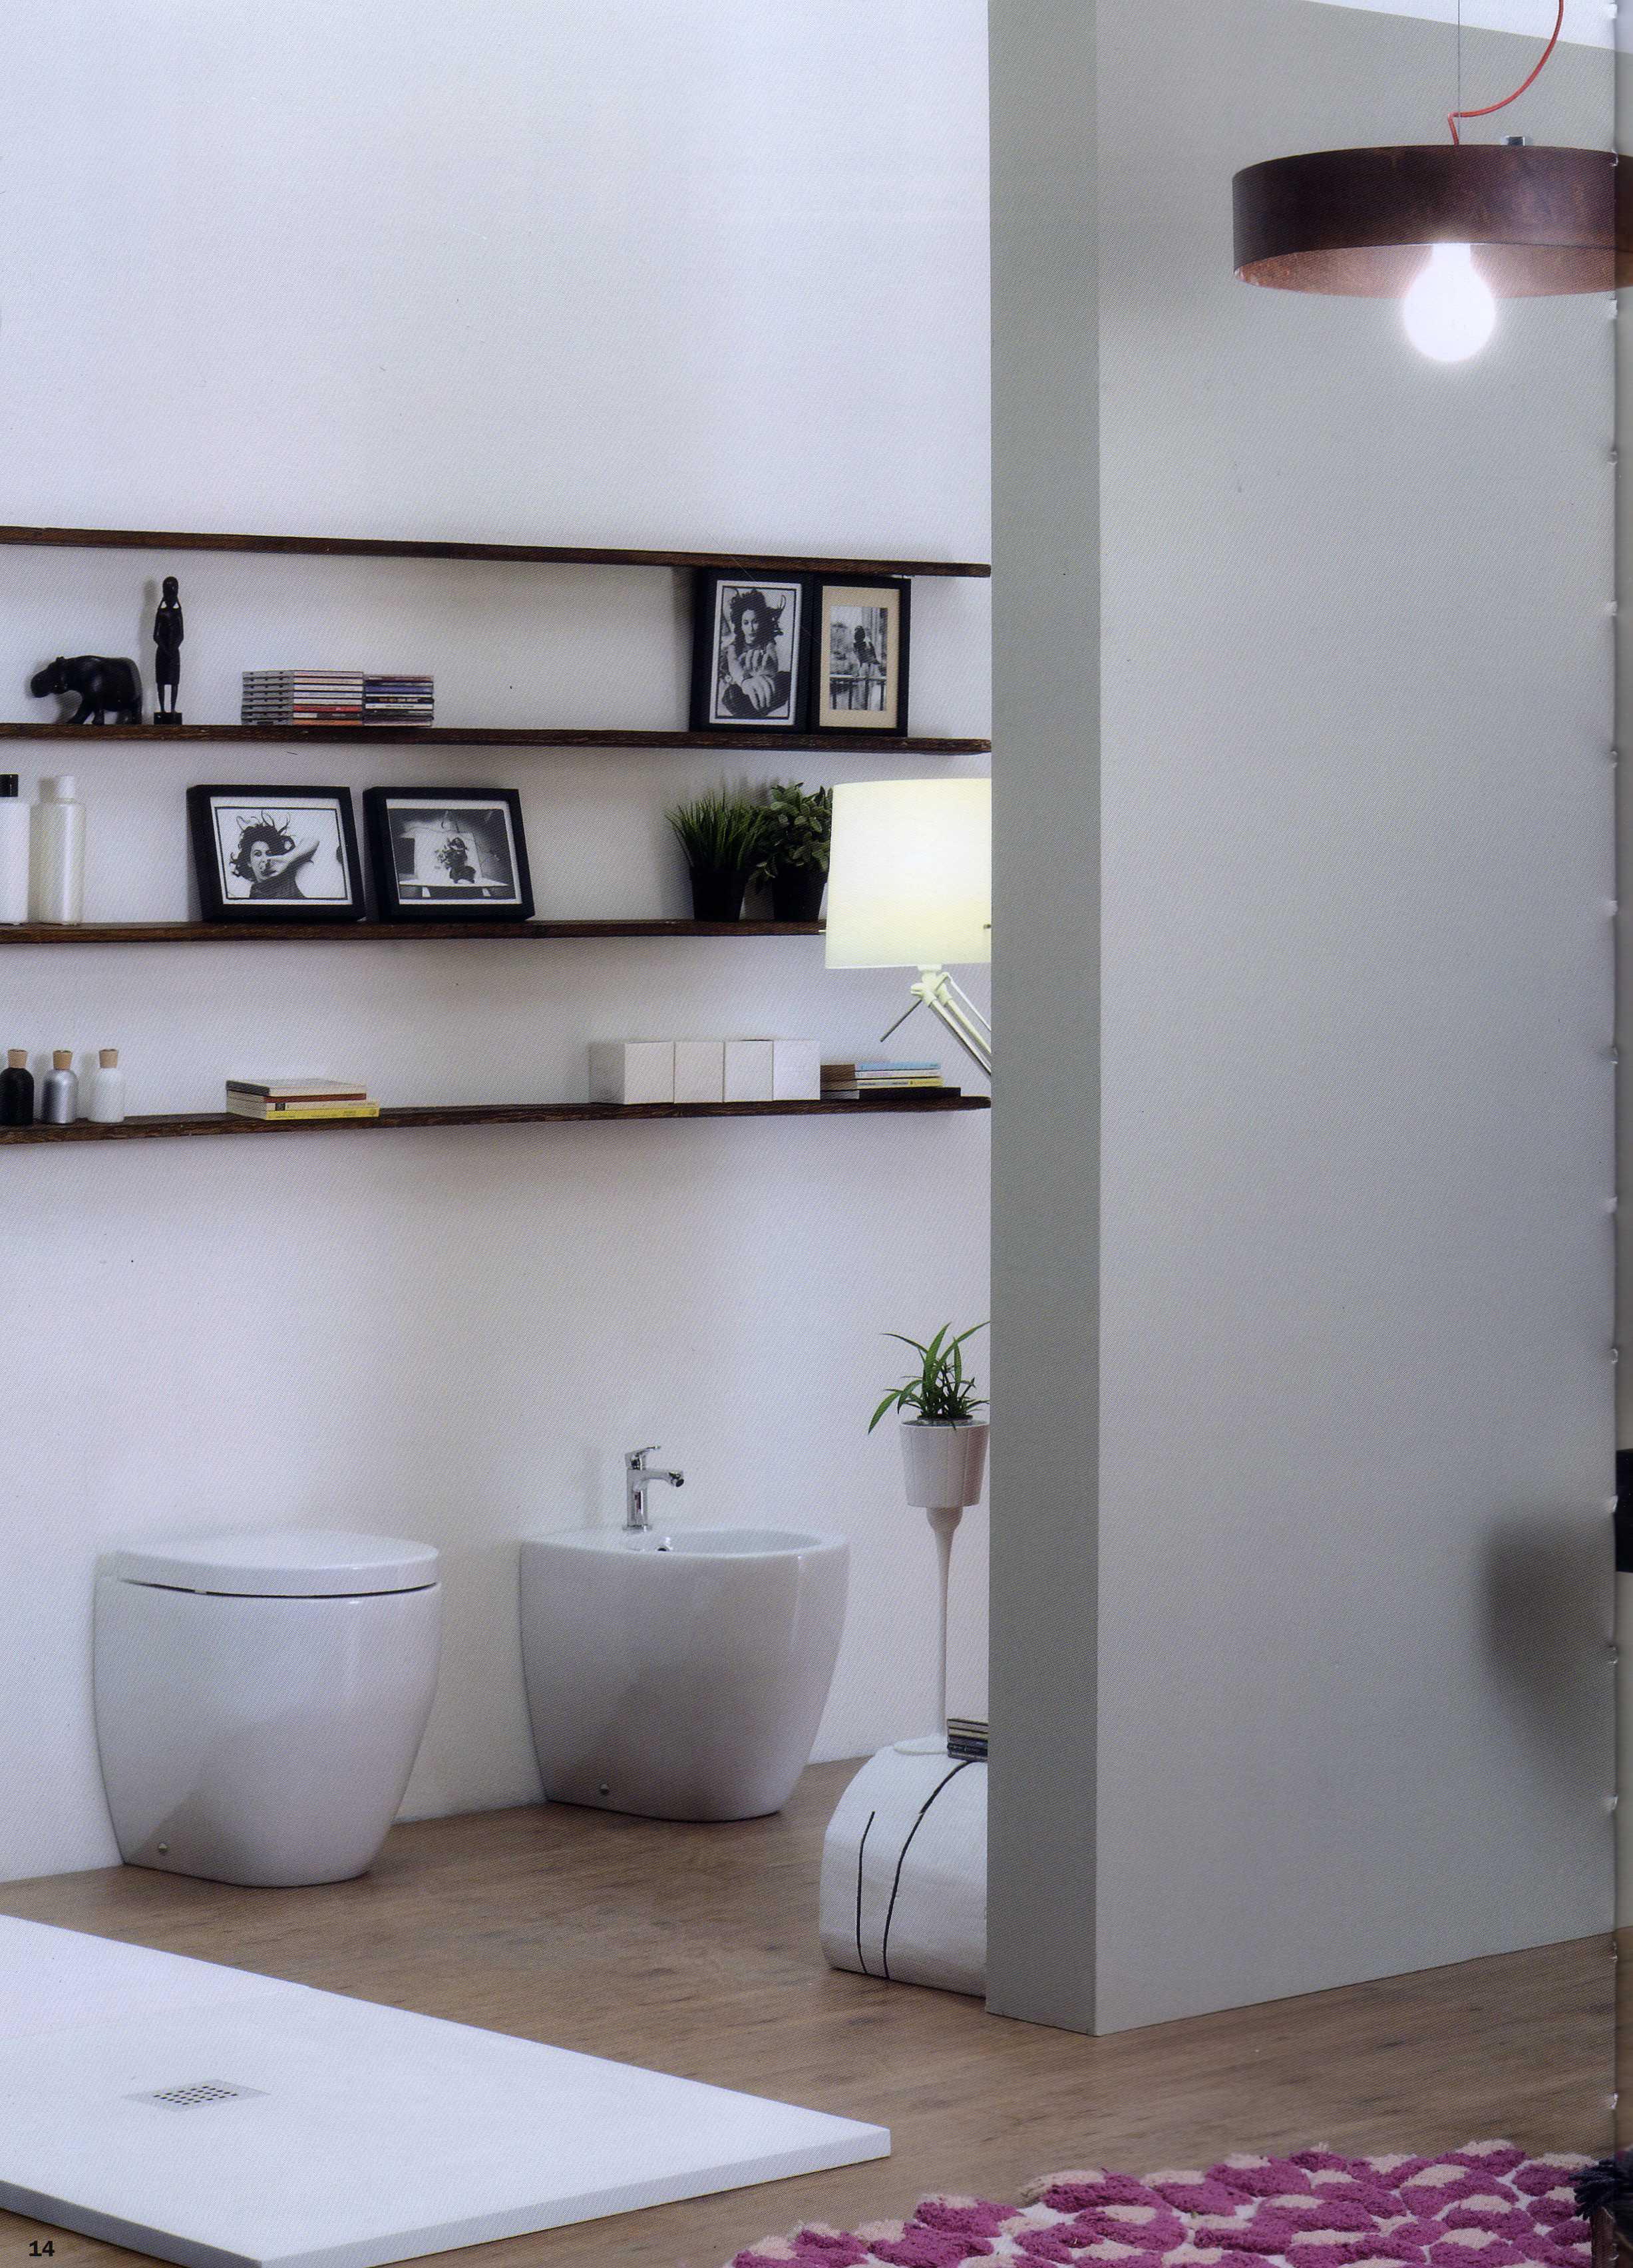 Sanitari bull a terra ceramiche piave - Caos accessori bagno ...